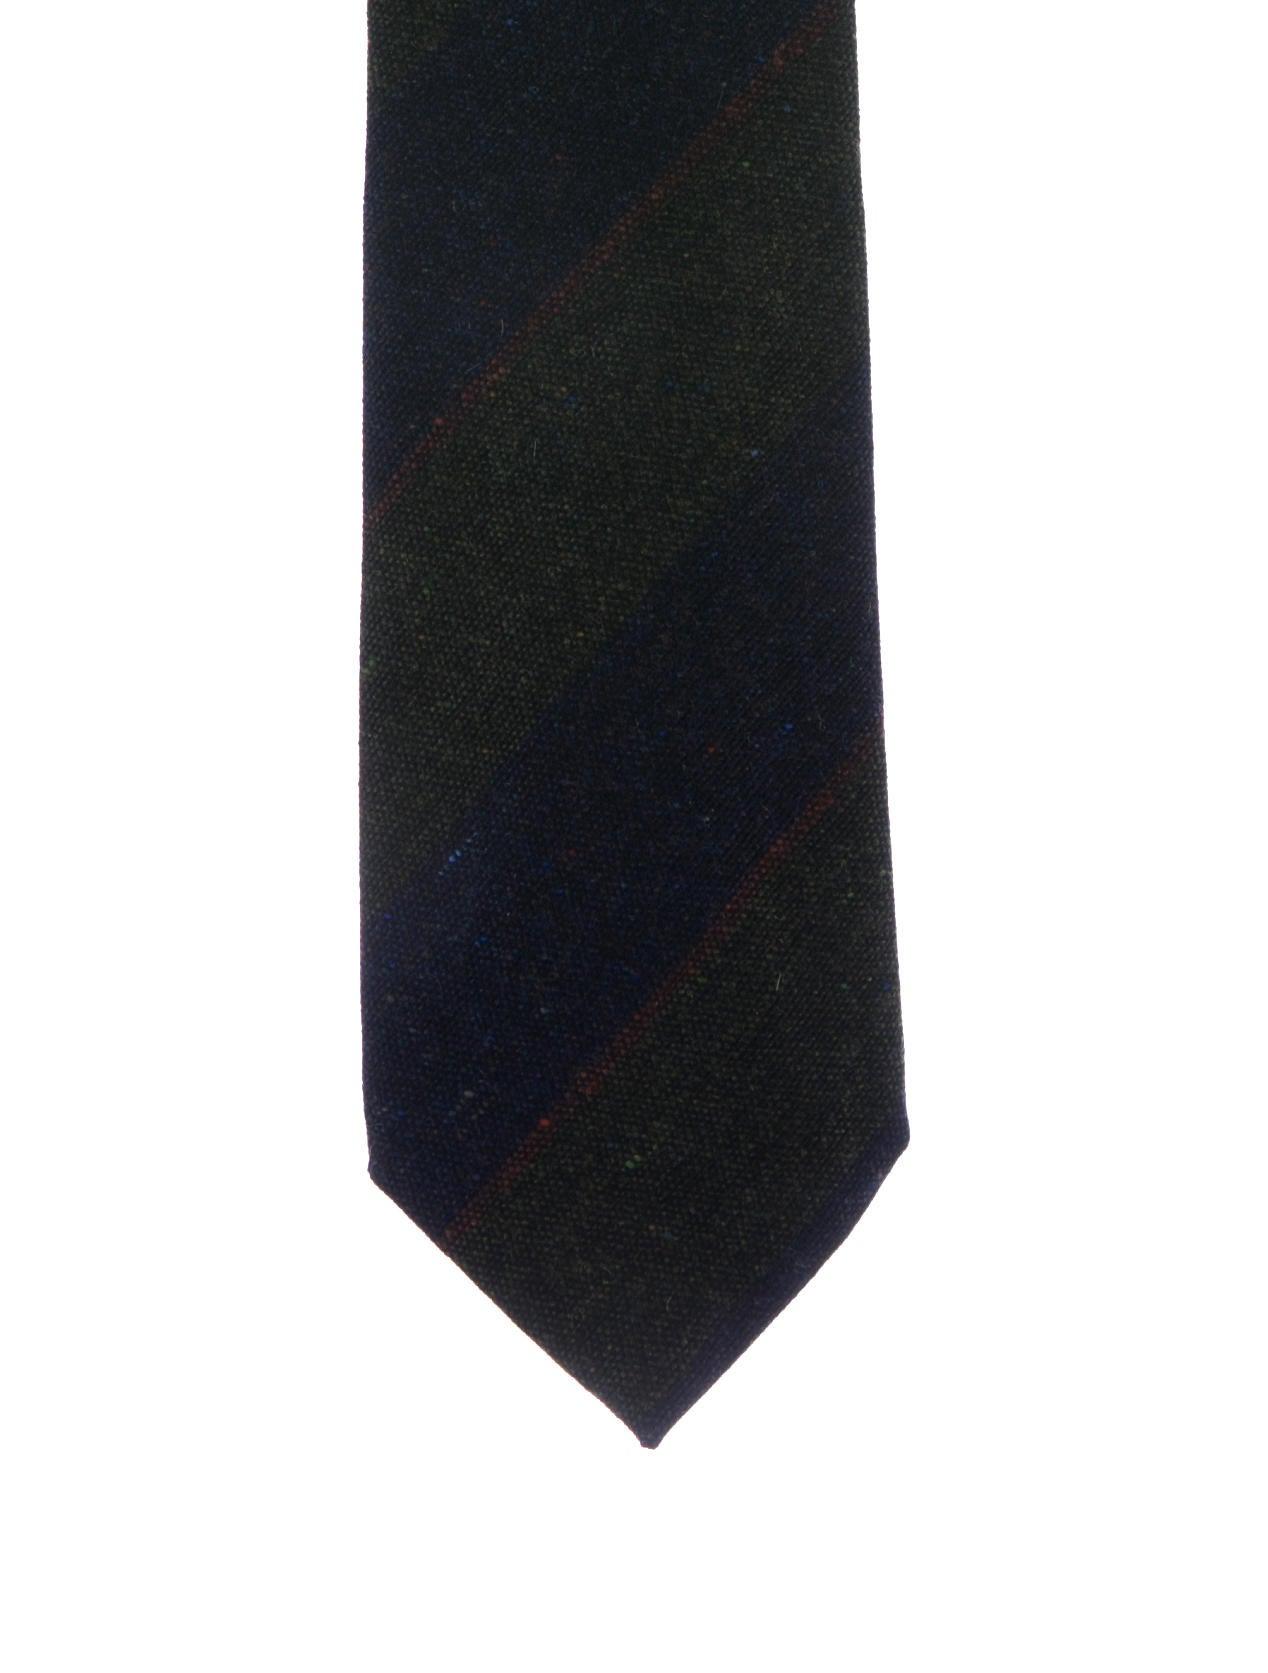 Silk tie light brown/olive striped Nicky avNXNkYY6